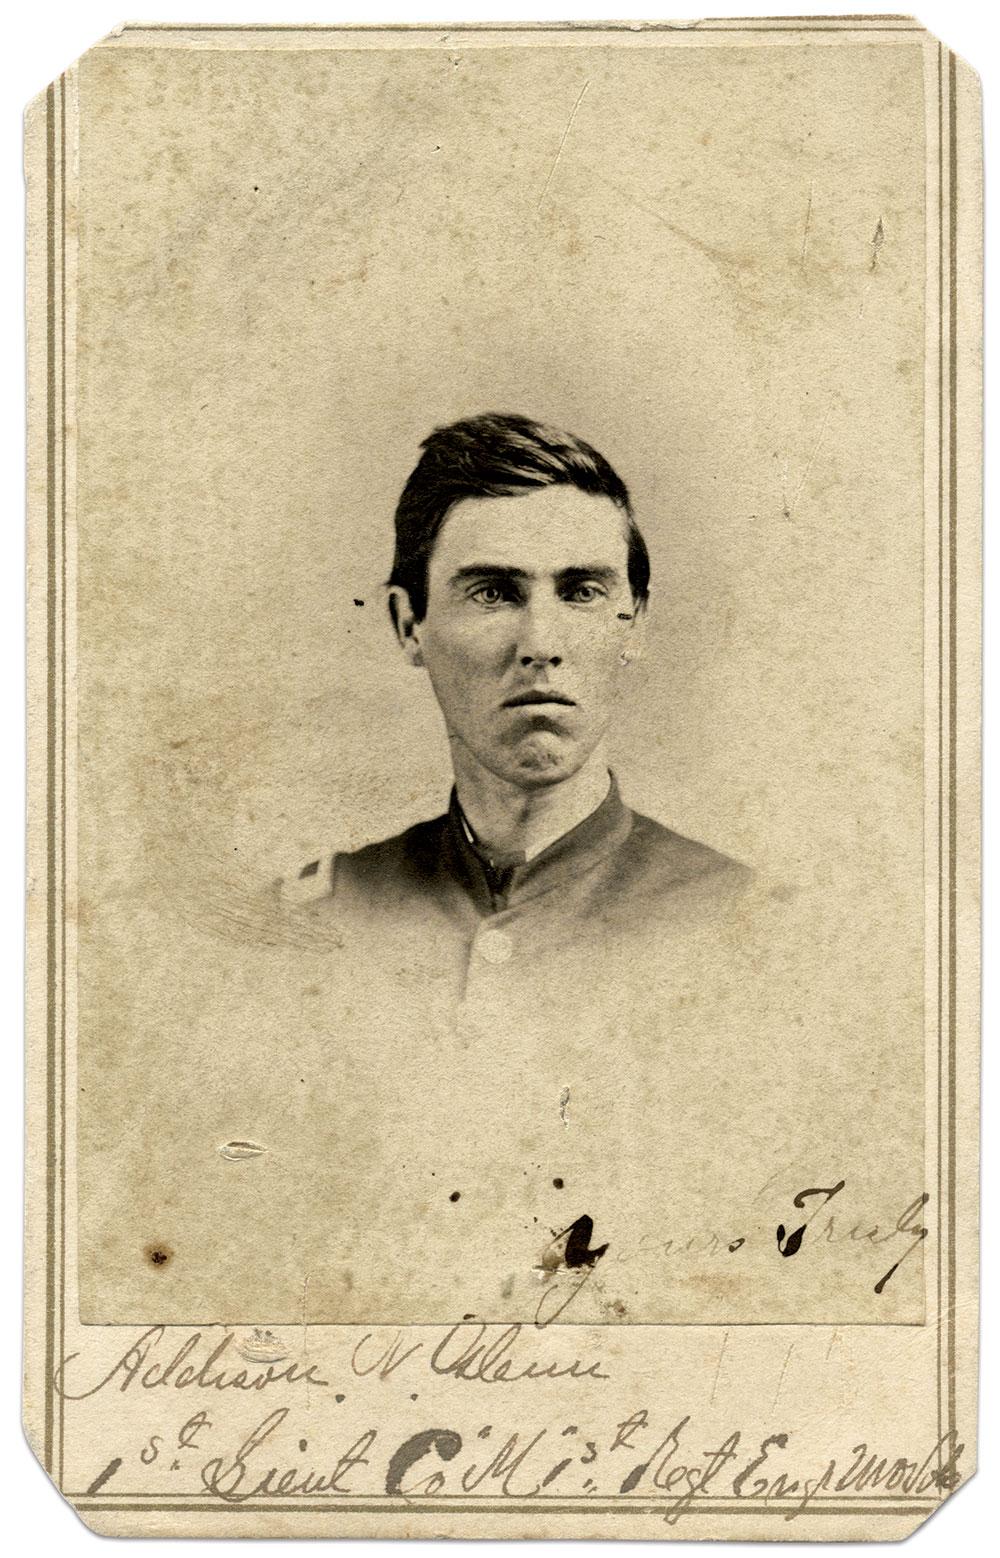 Carte de visite by Algenon S. Morse of Nashville, Tenn. Stan Hutson Collection.